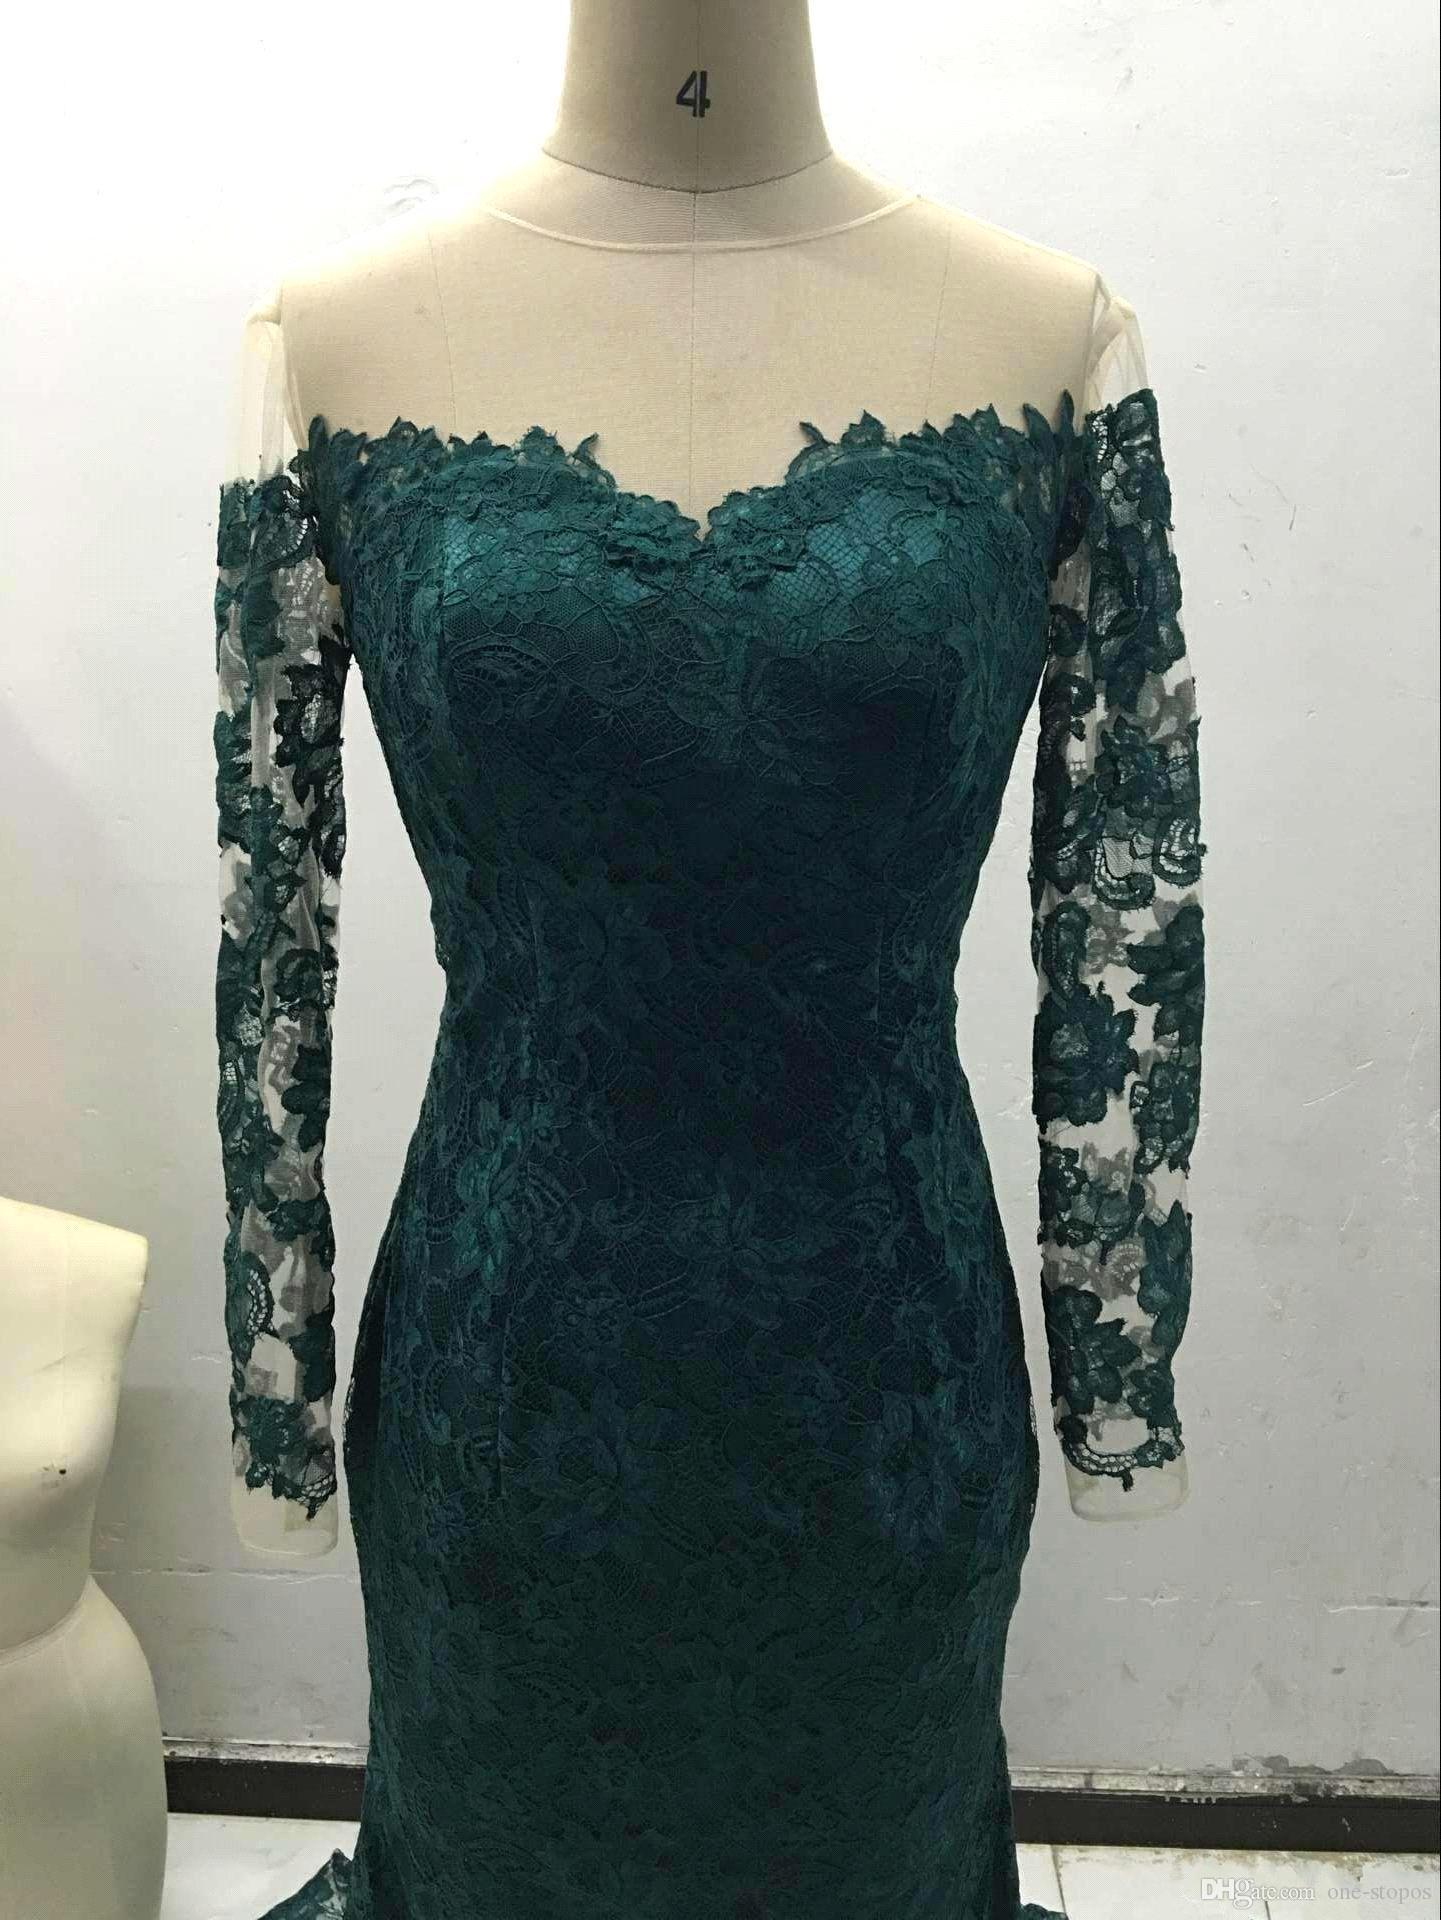 Mermaid Hunter Green Lace Formale Kleider Abendkleidung Echte Bilder Schulterfrei Sheer Lange Ärmel Abendkleider Gericht Zug Vestidos